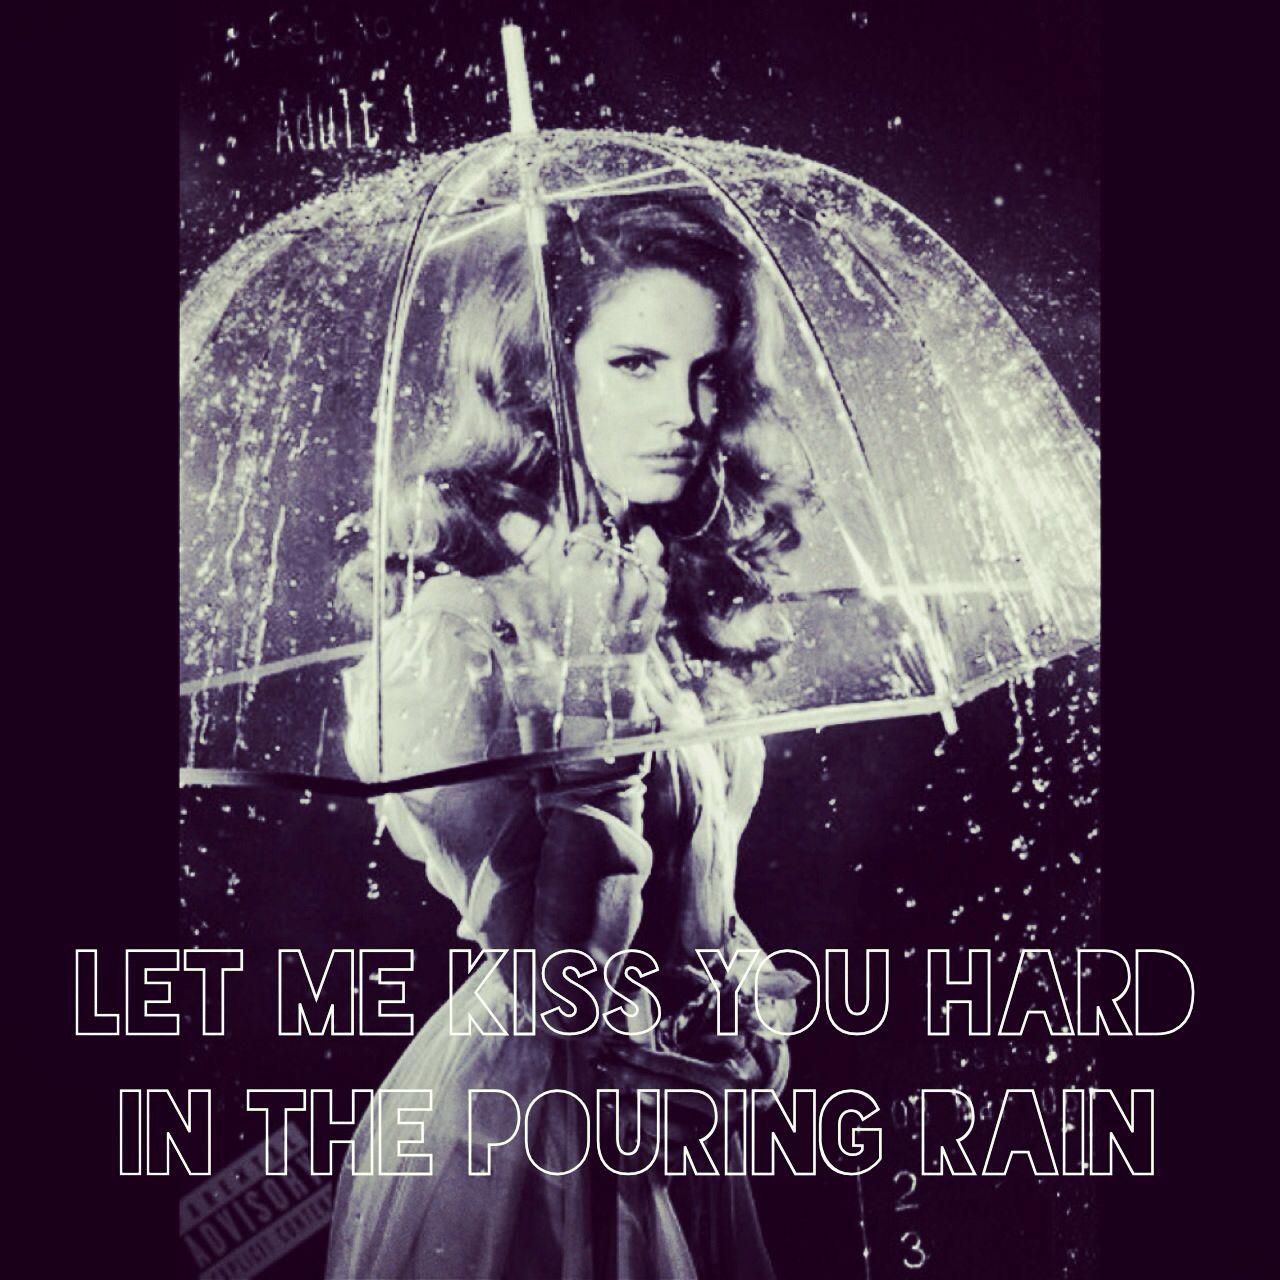 Lana Del Rey Lyric Quotes. QuotesGram